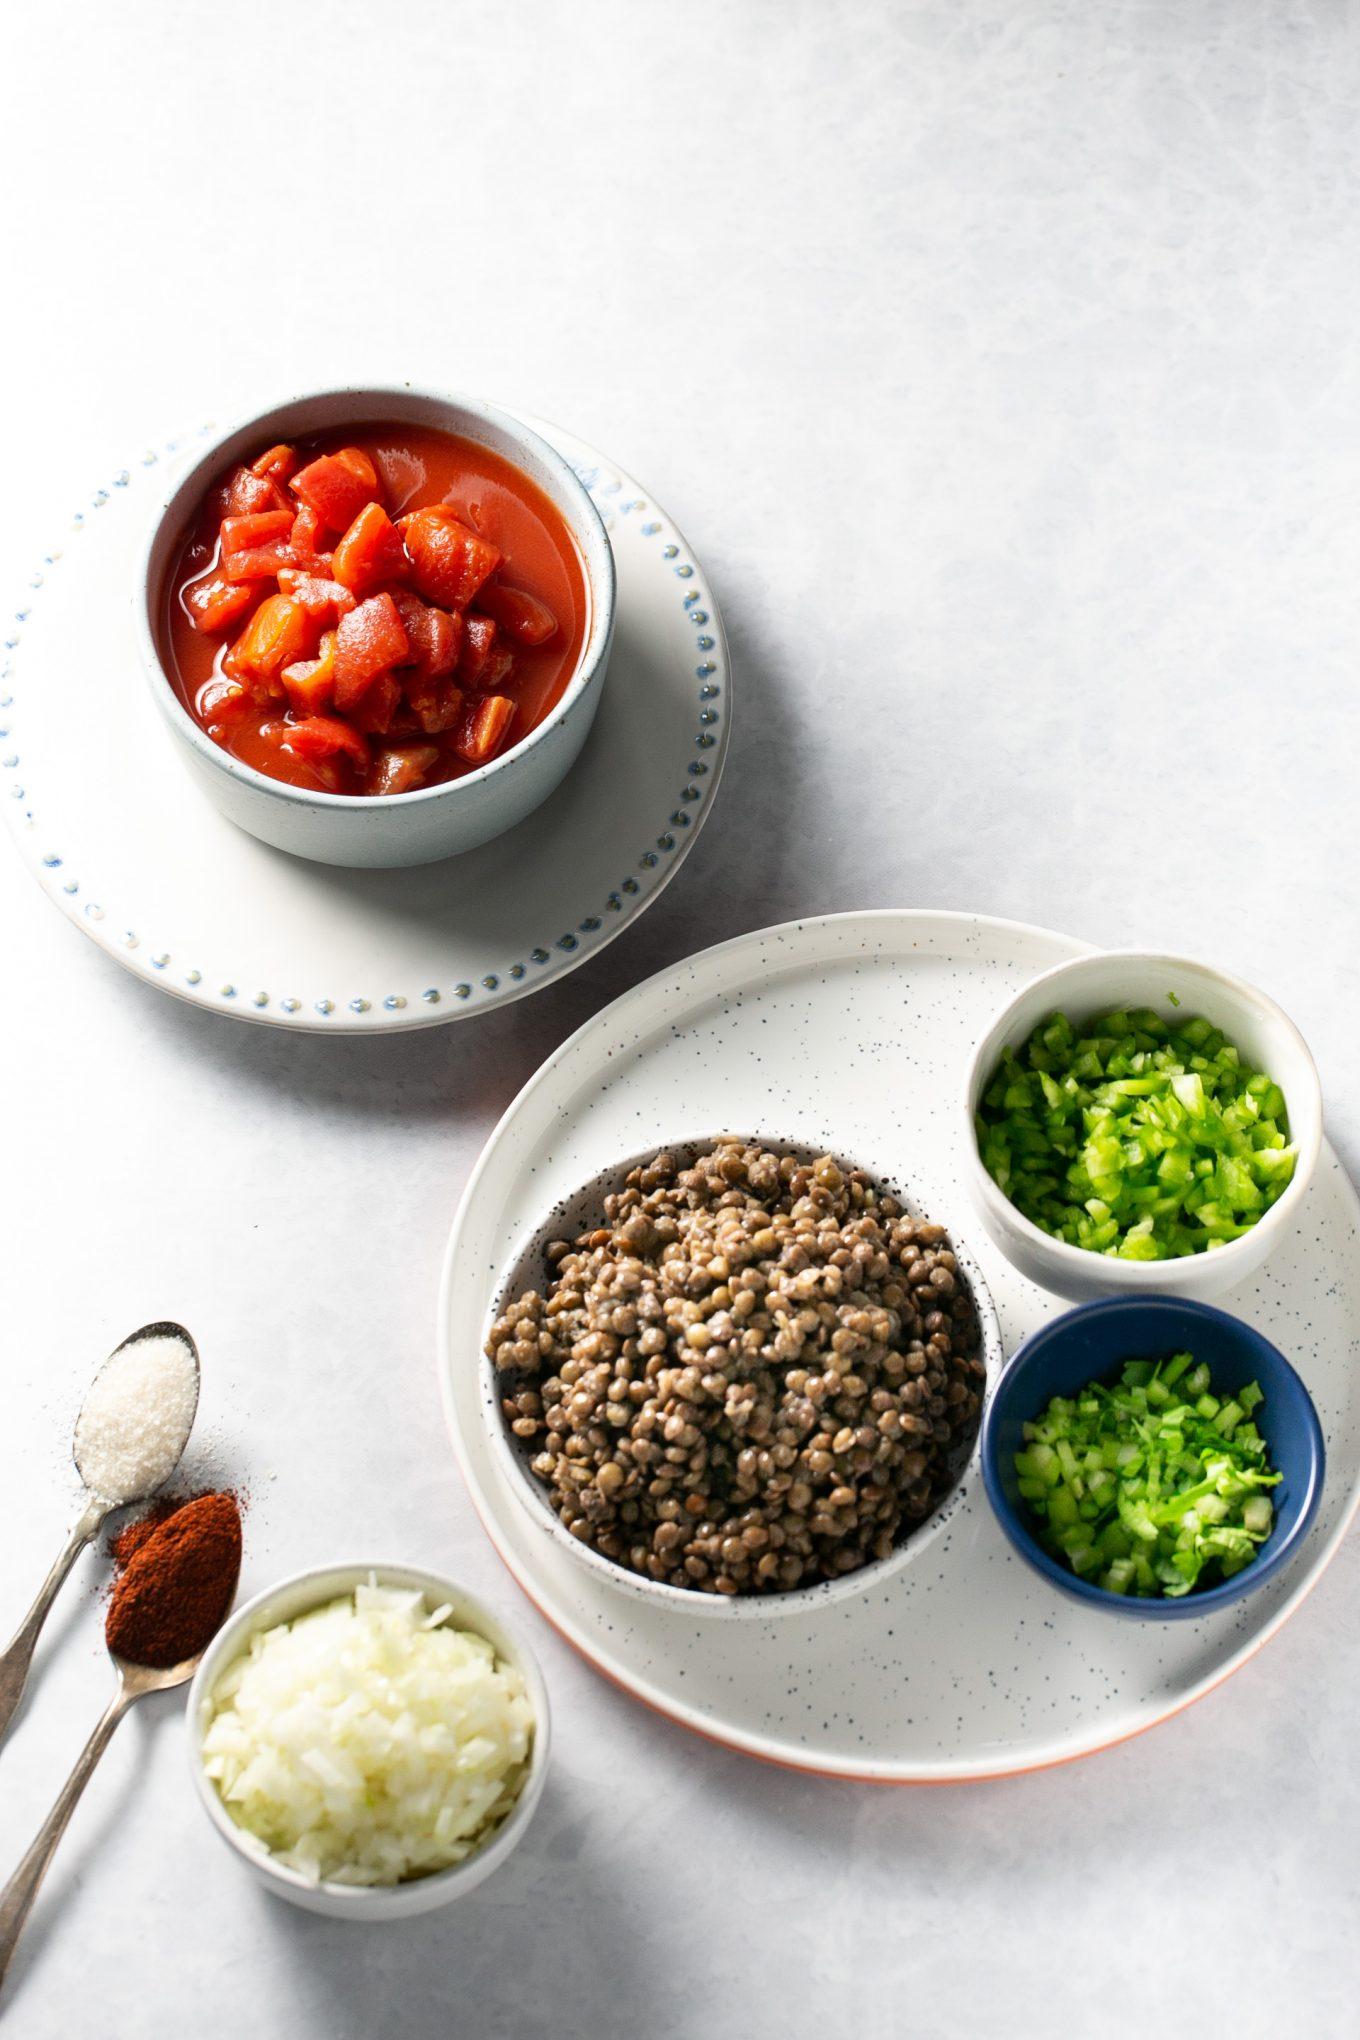 Ingredientes para hacer sloppy joes veganos